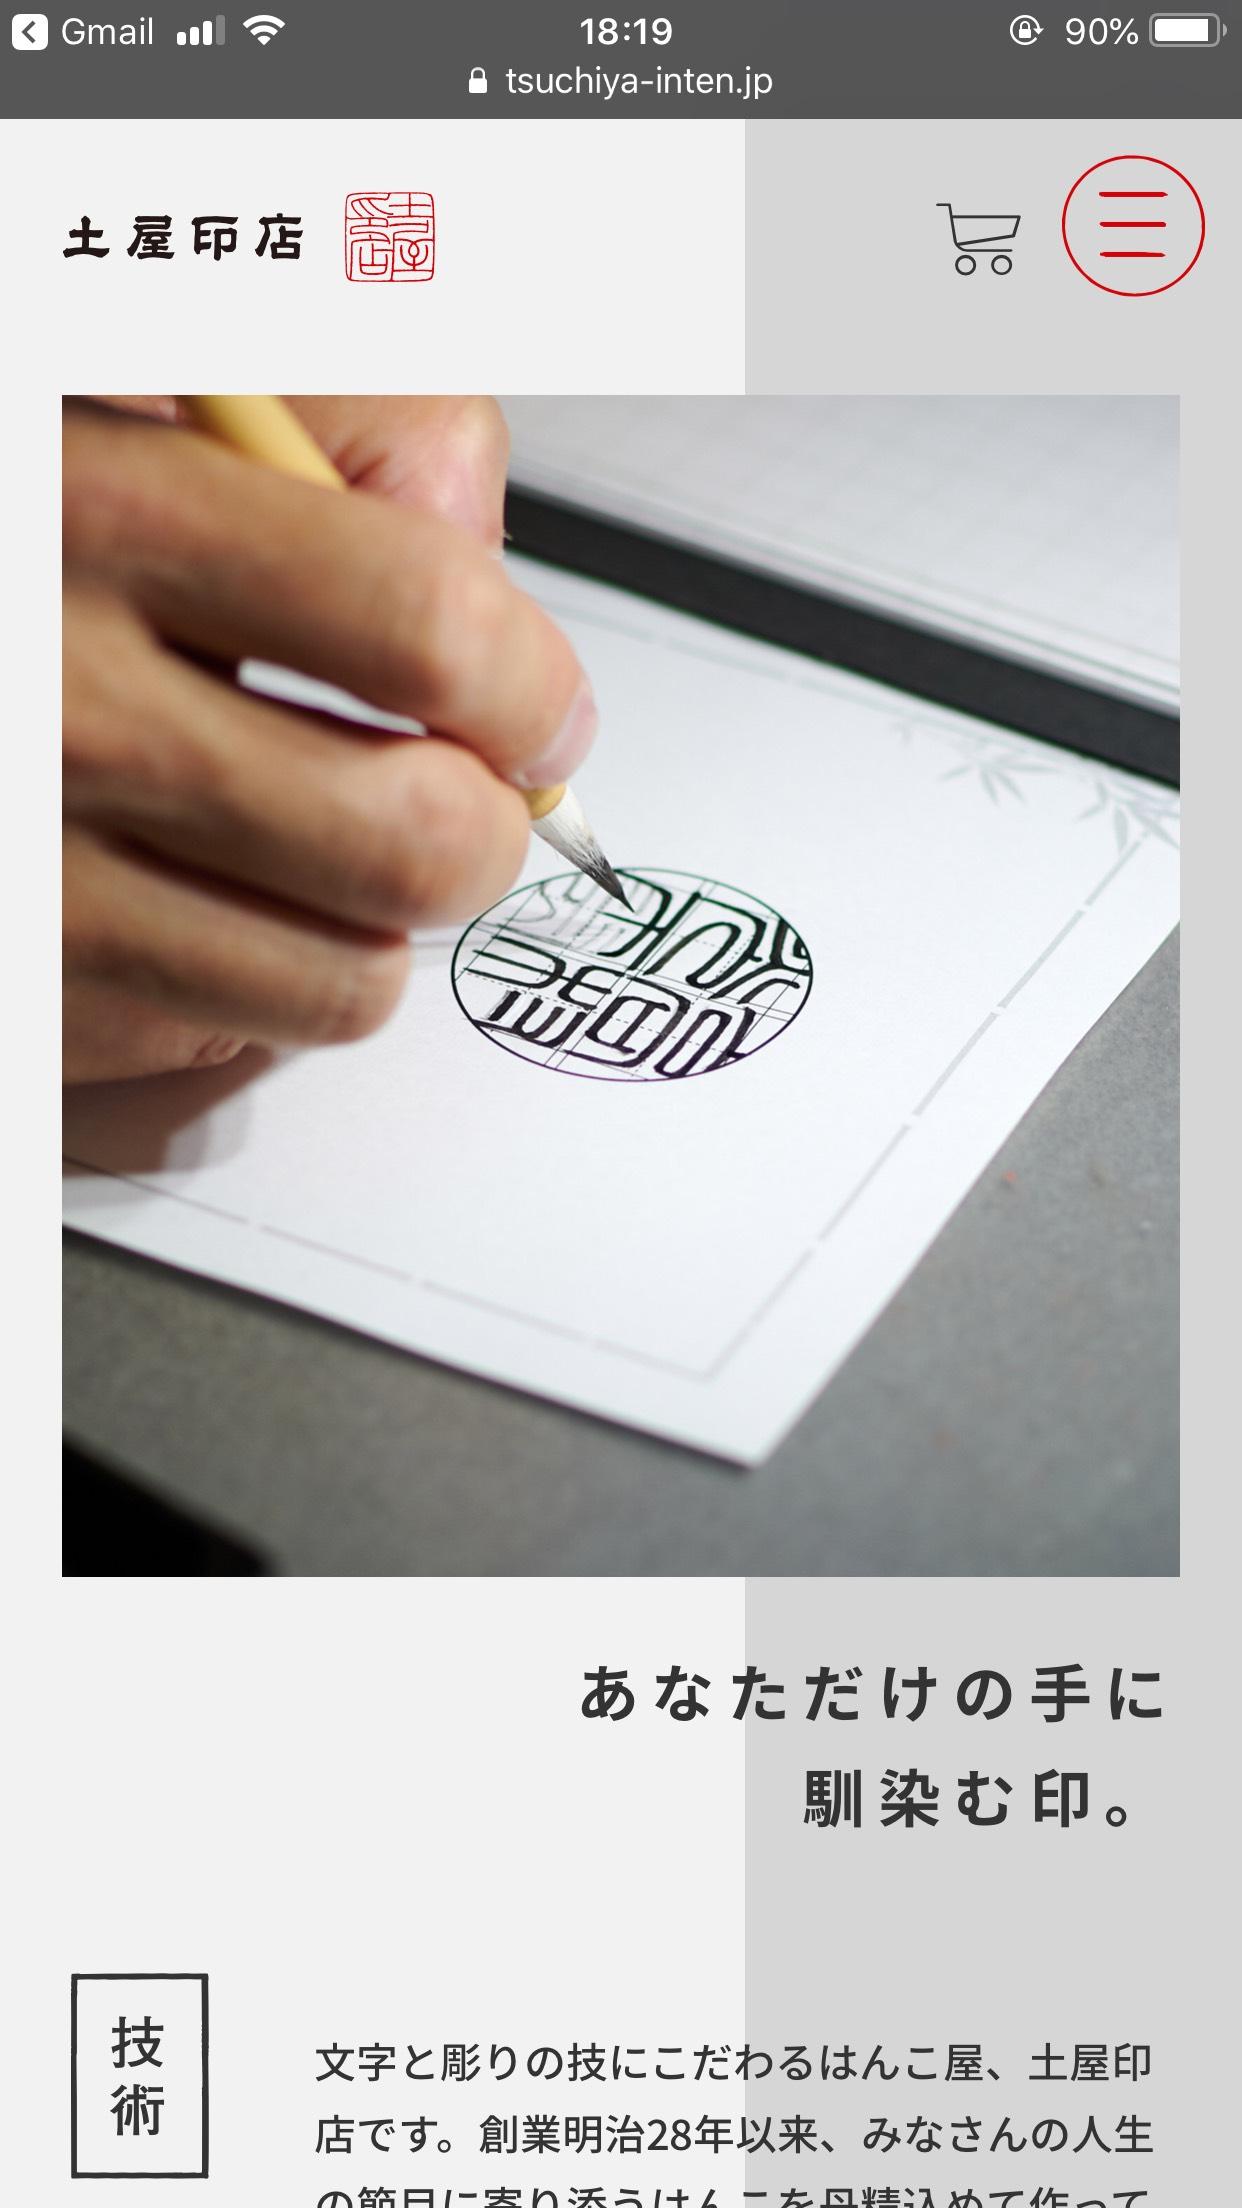 土屋印店 | 長野市須坂市のはんこ屋